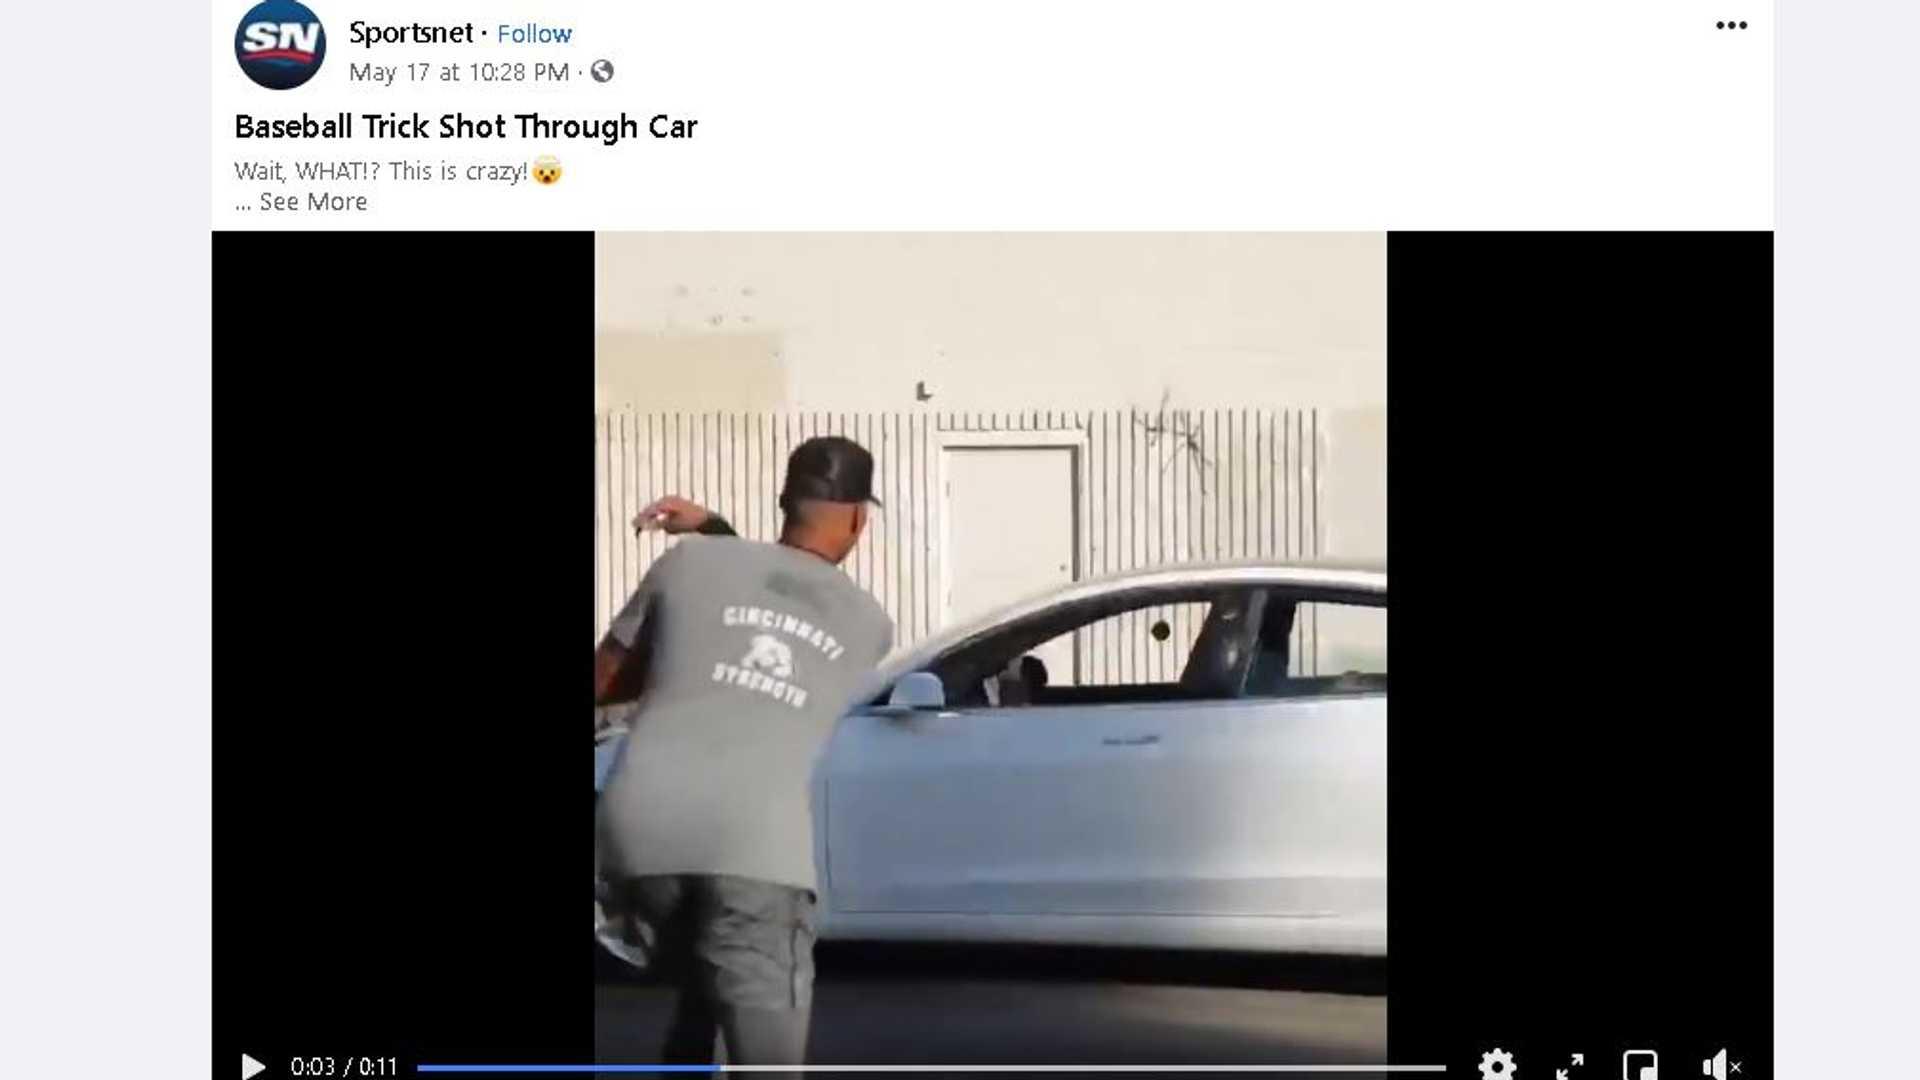 Смотрите этот эпичный бейсбольный бросок через движущееся окно Tesla Model 3